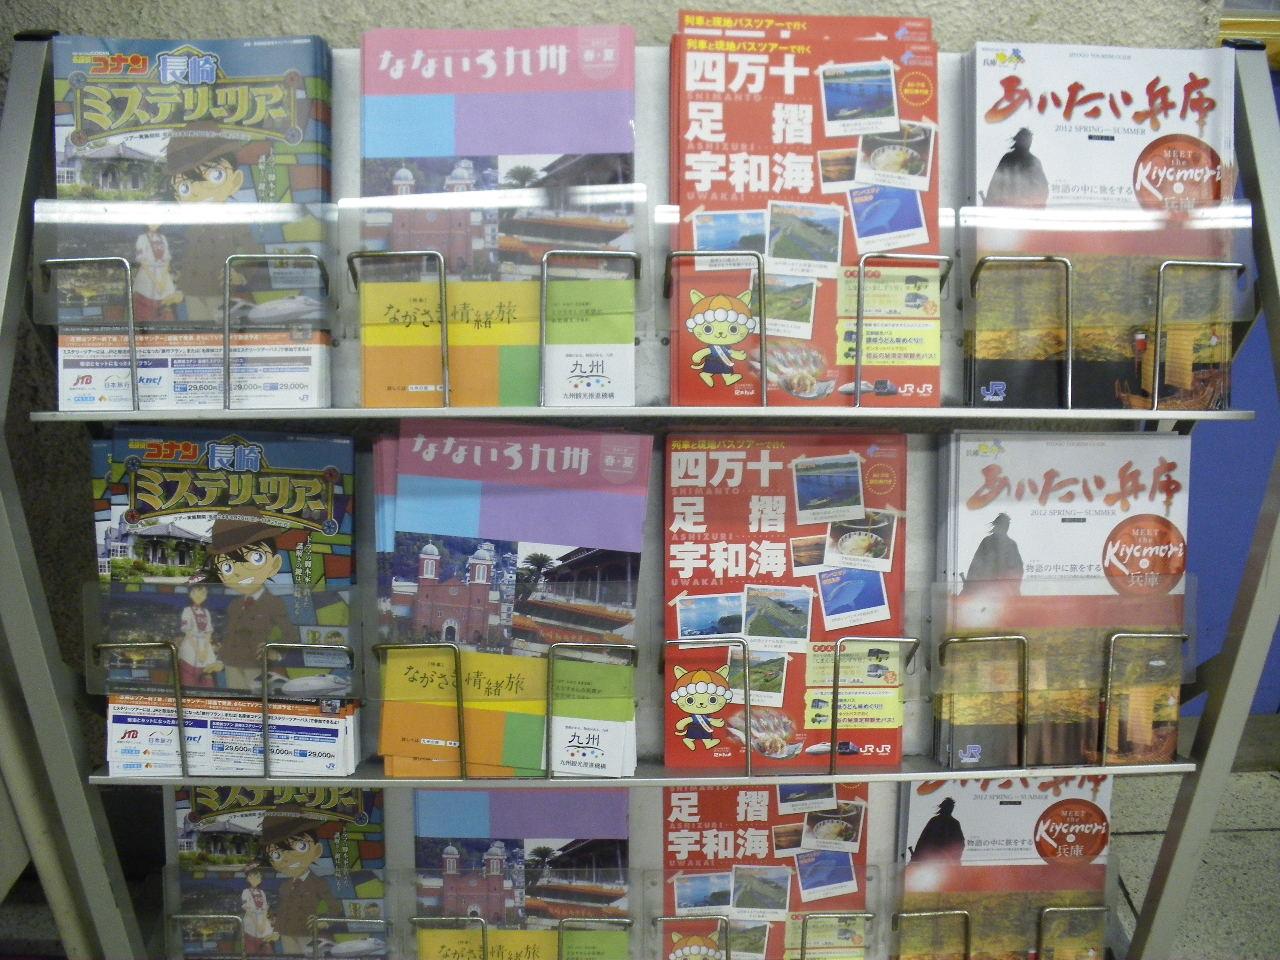 JR鶴橋駅旅行パンフレット